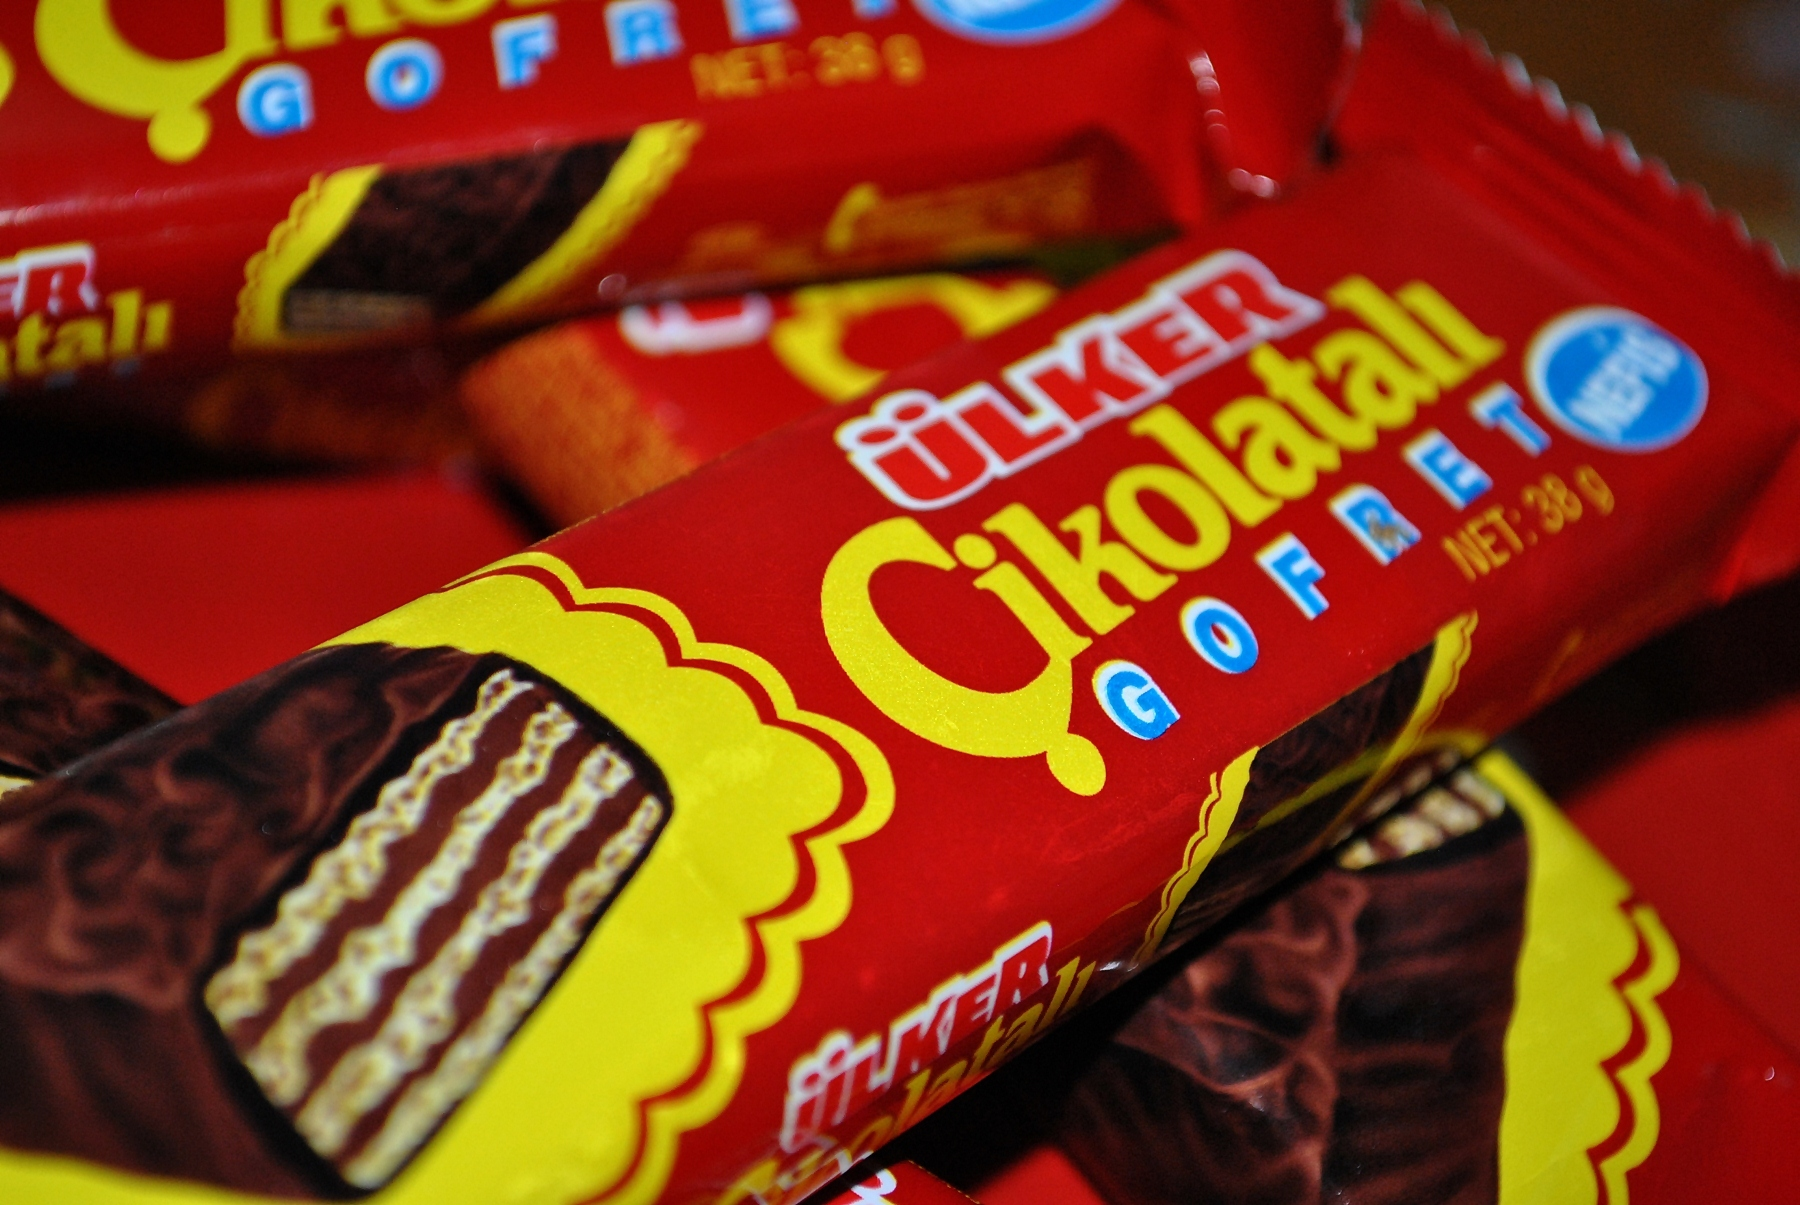 ülker çikolatalı gofret - sayfa 3 - uludağ sözlük